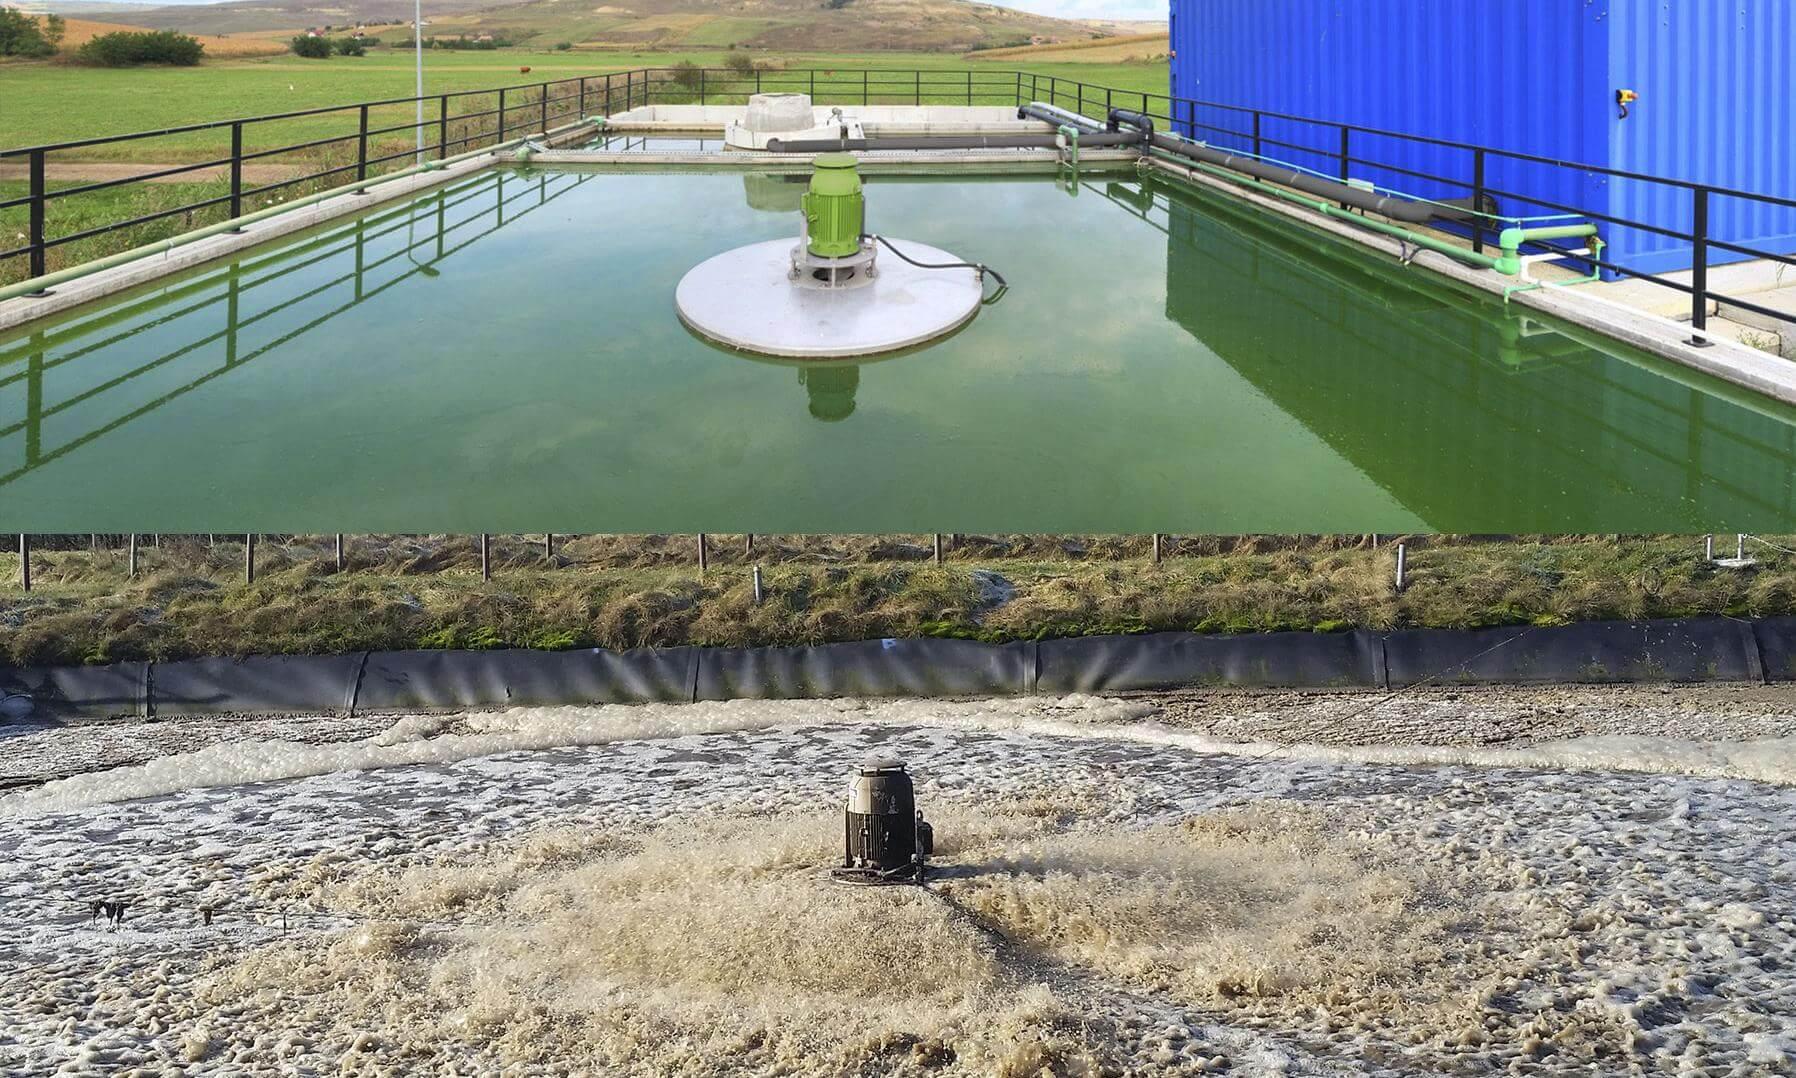 Kläranlagenkomponenten und Lösungen für die Abwasserreinigung